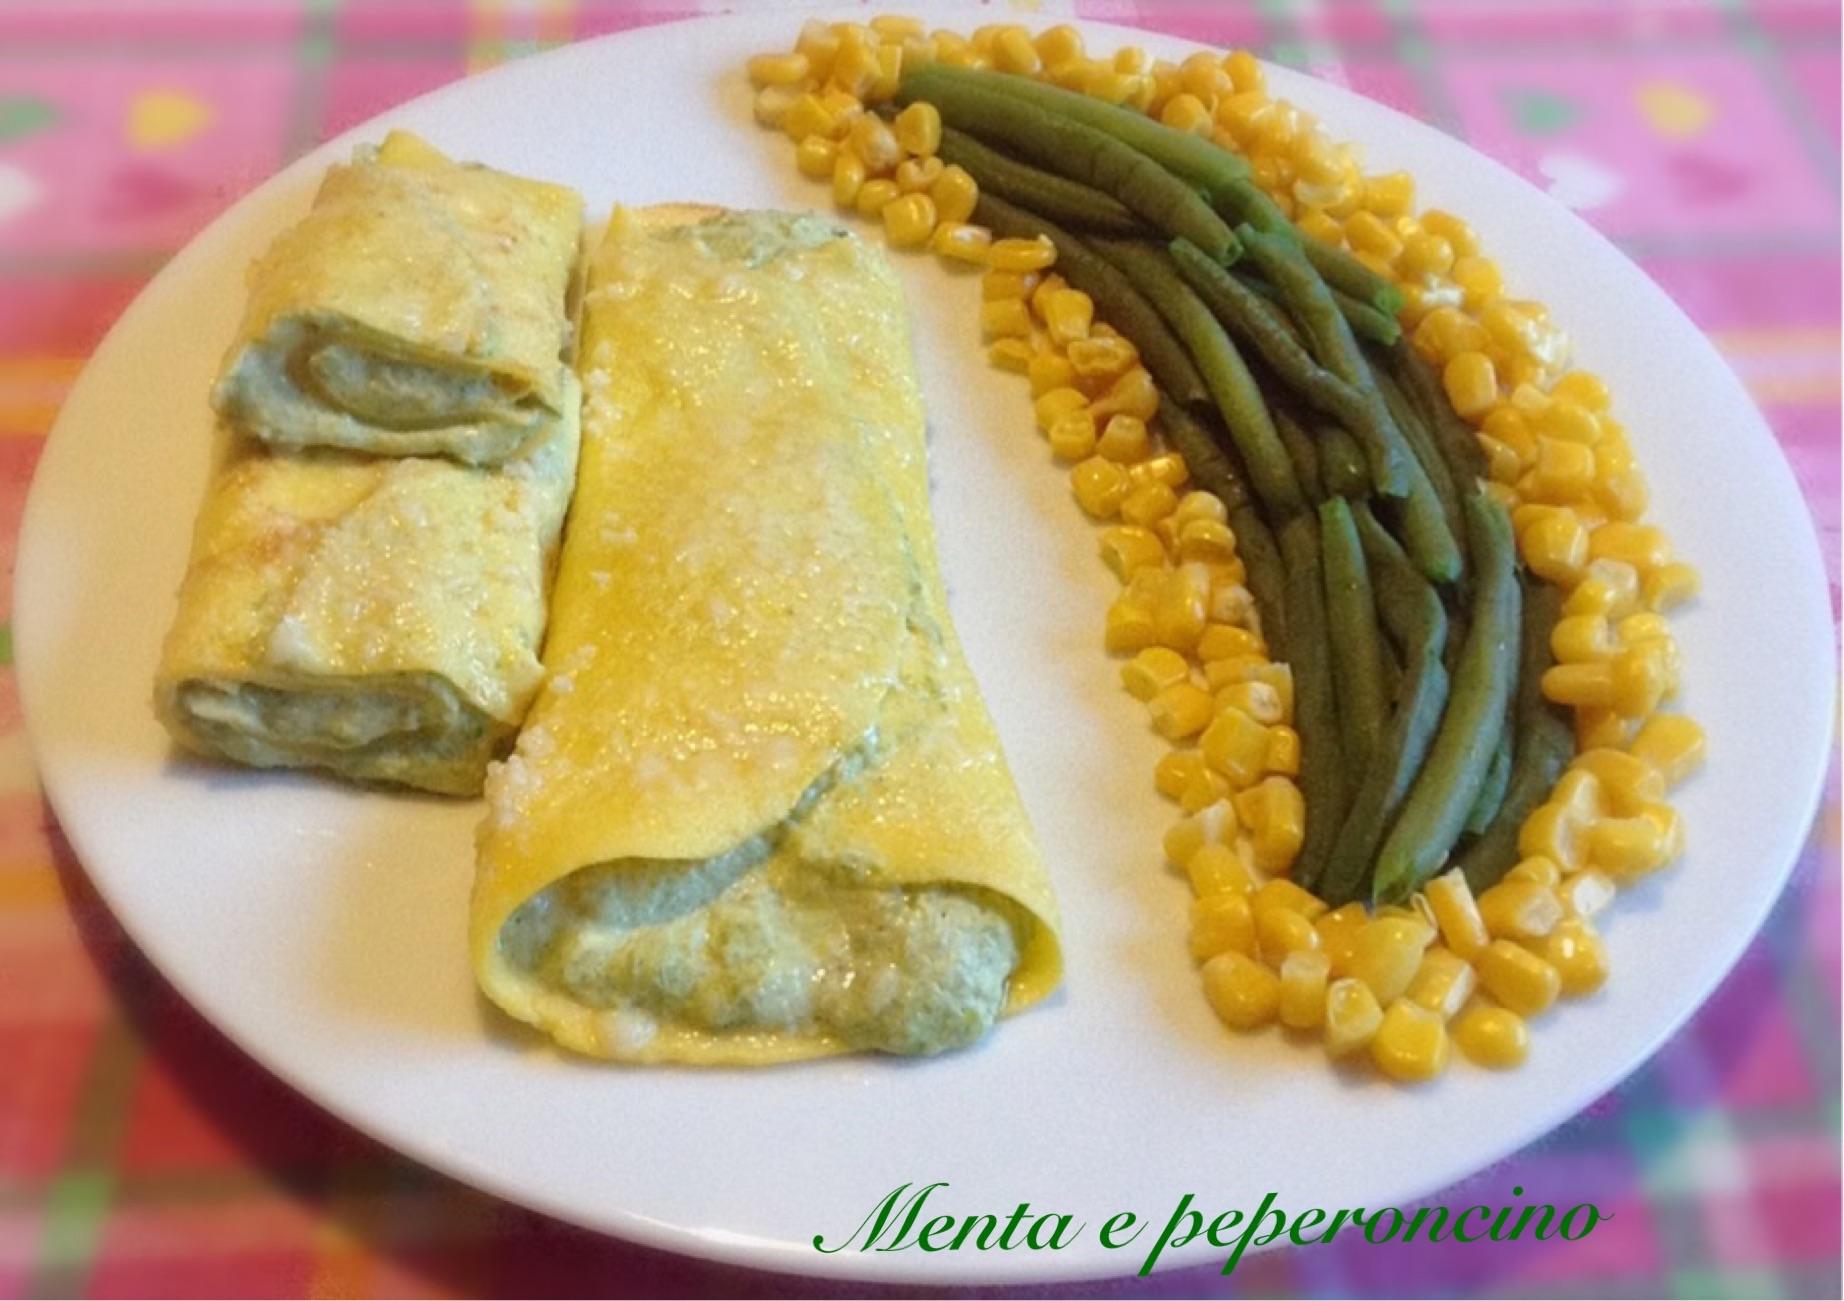 Ricetta Crespelle con crema di fagiolini e nocciole